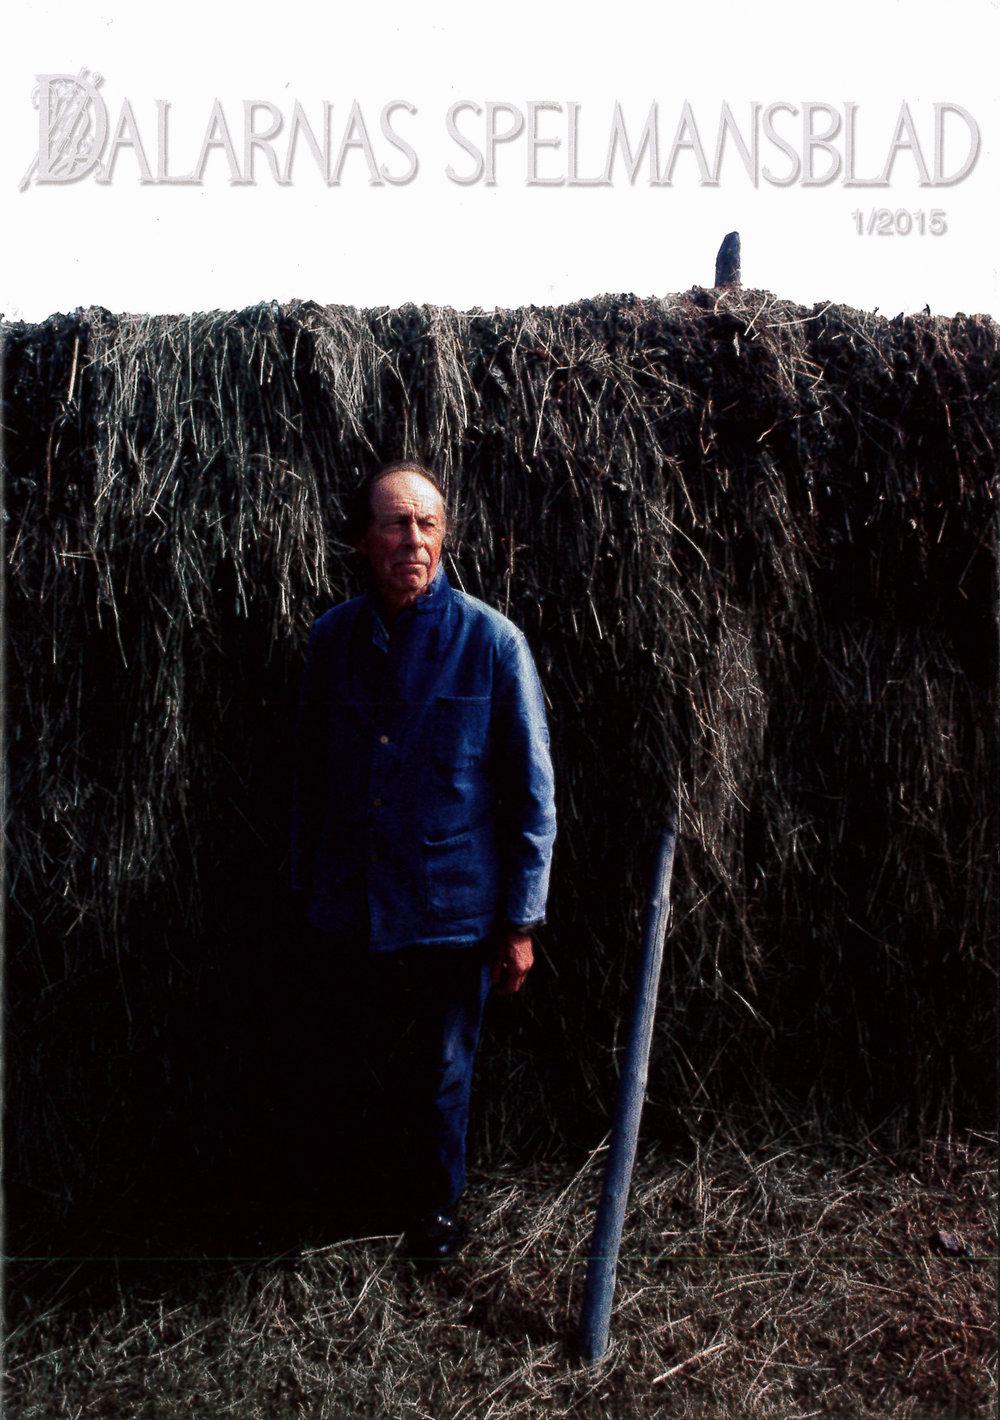 Senaste numret av Dalarnas spelmansblad, utgivet i mars 2015.